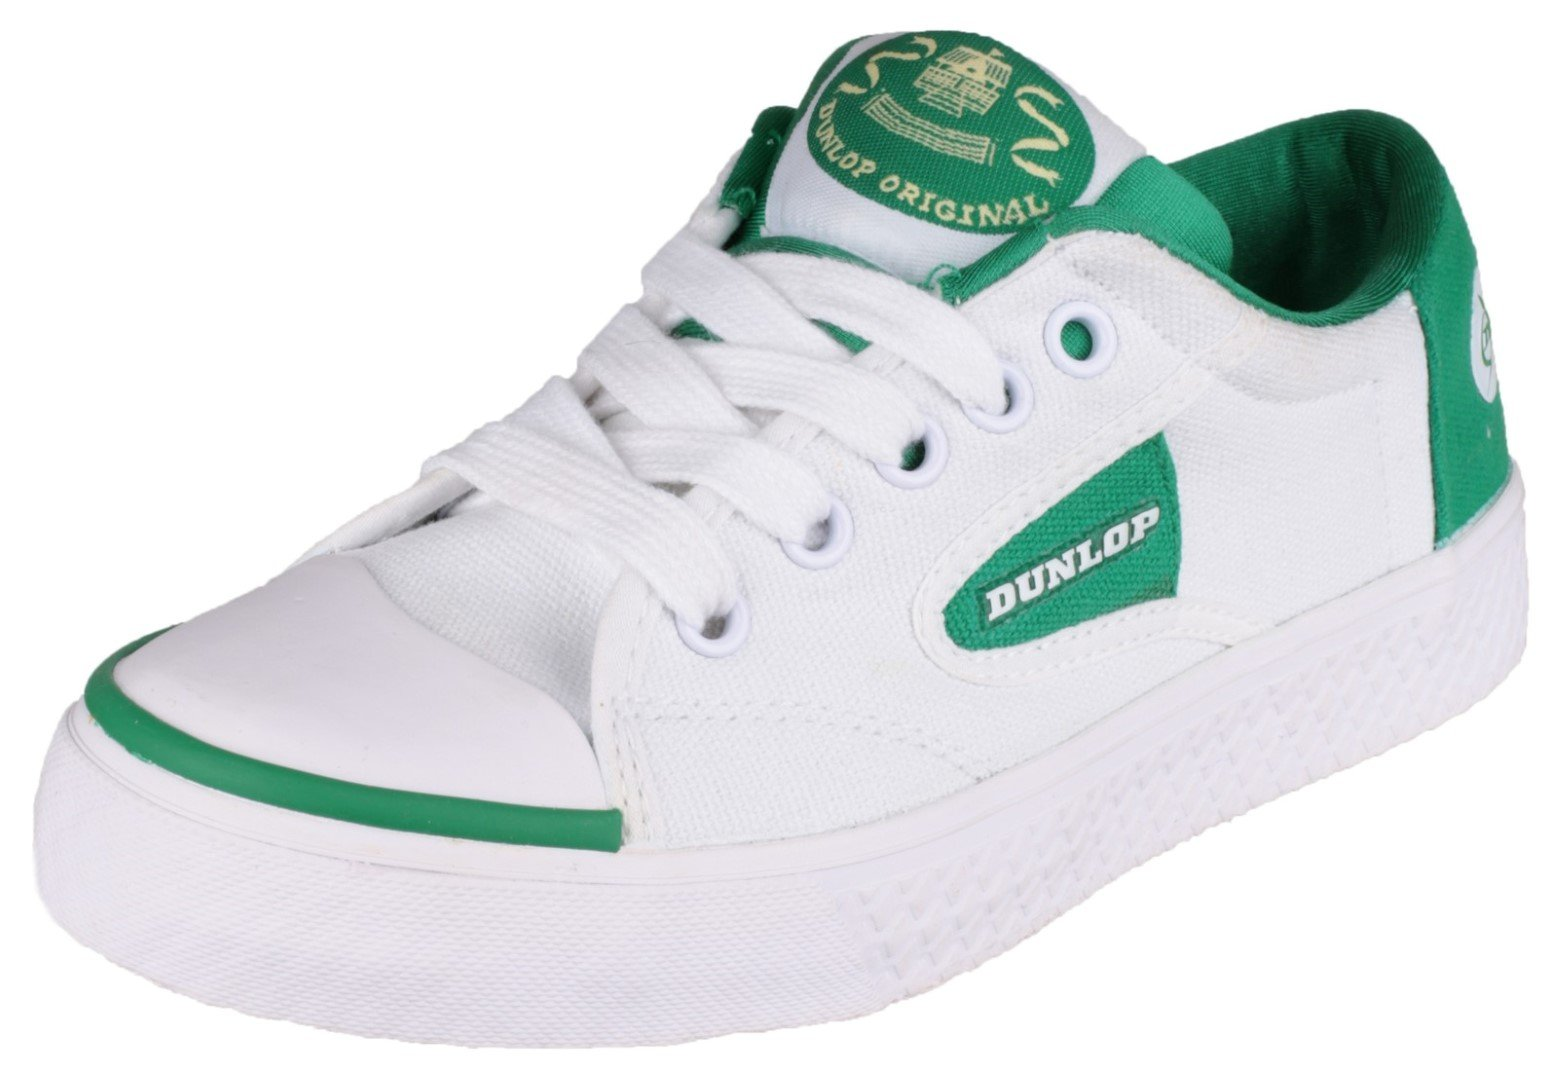 Dunlop Mens Green Flash Du1555 Non